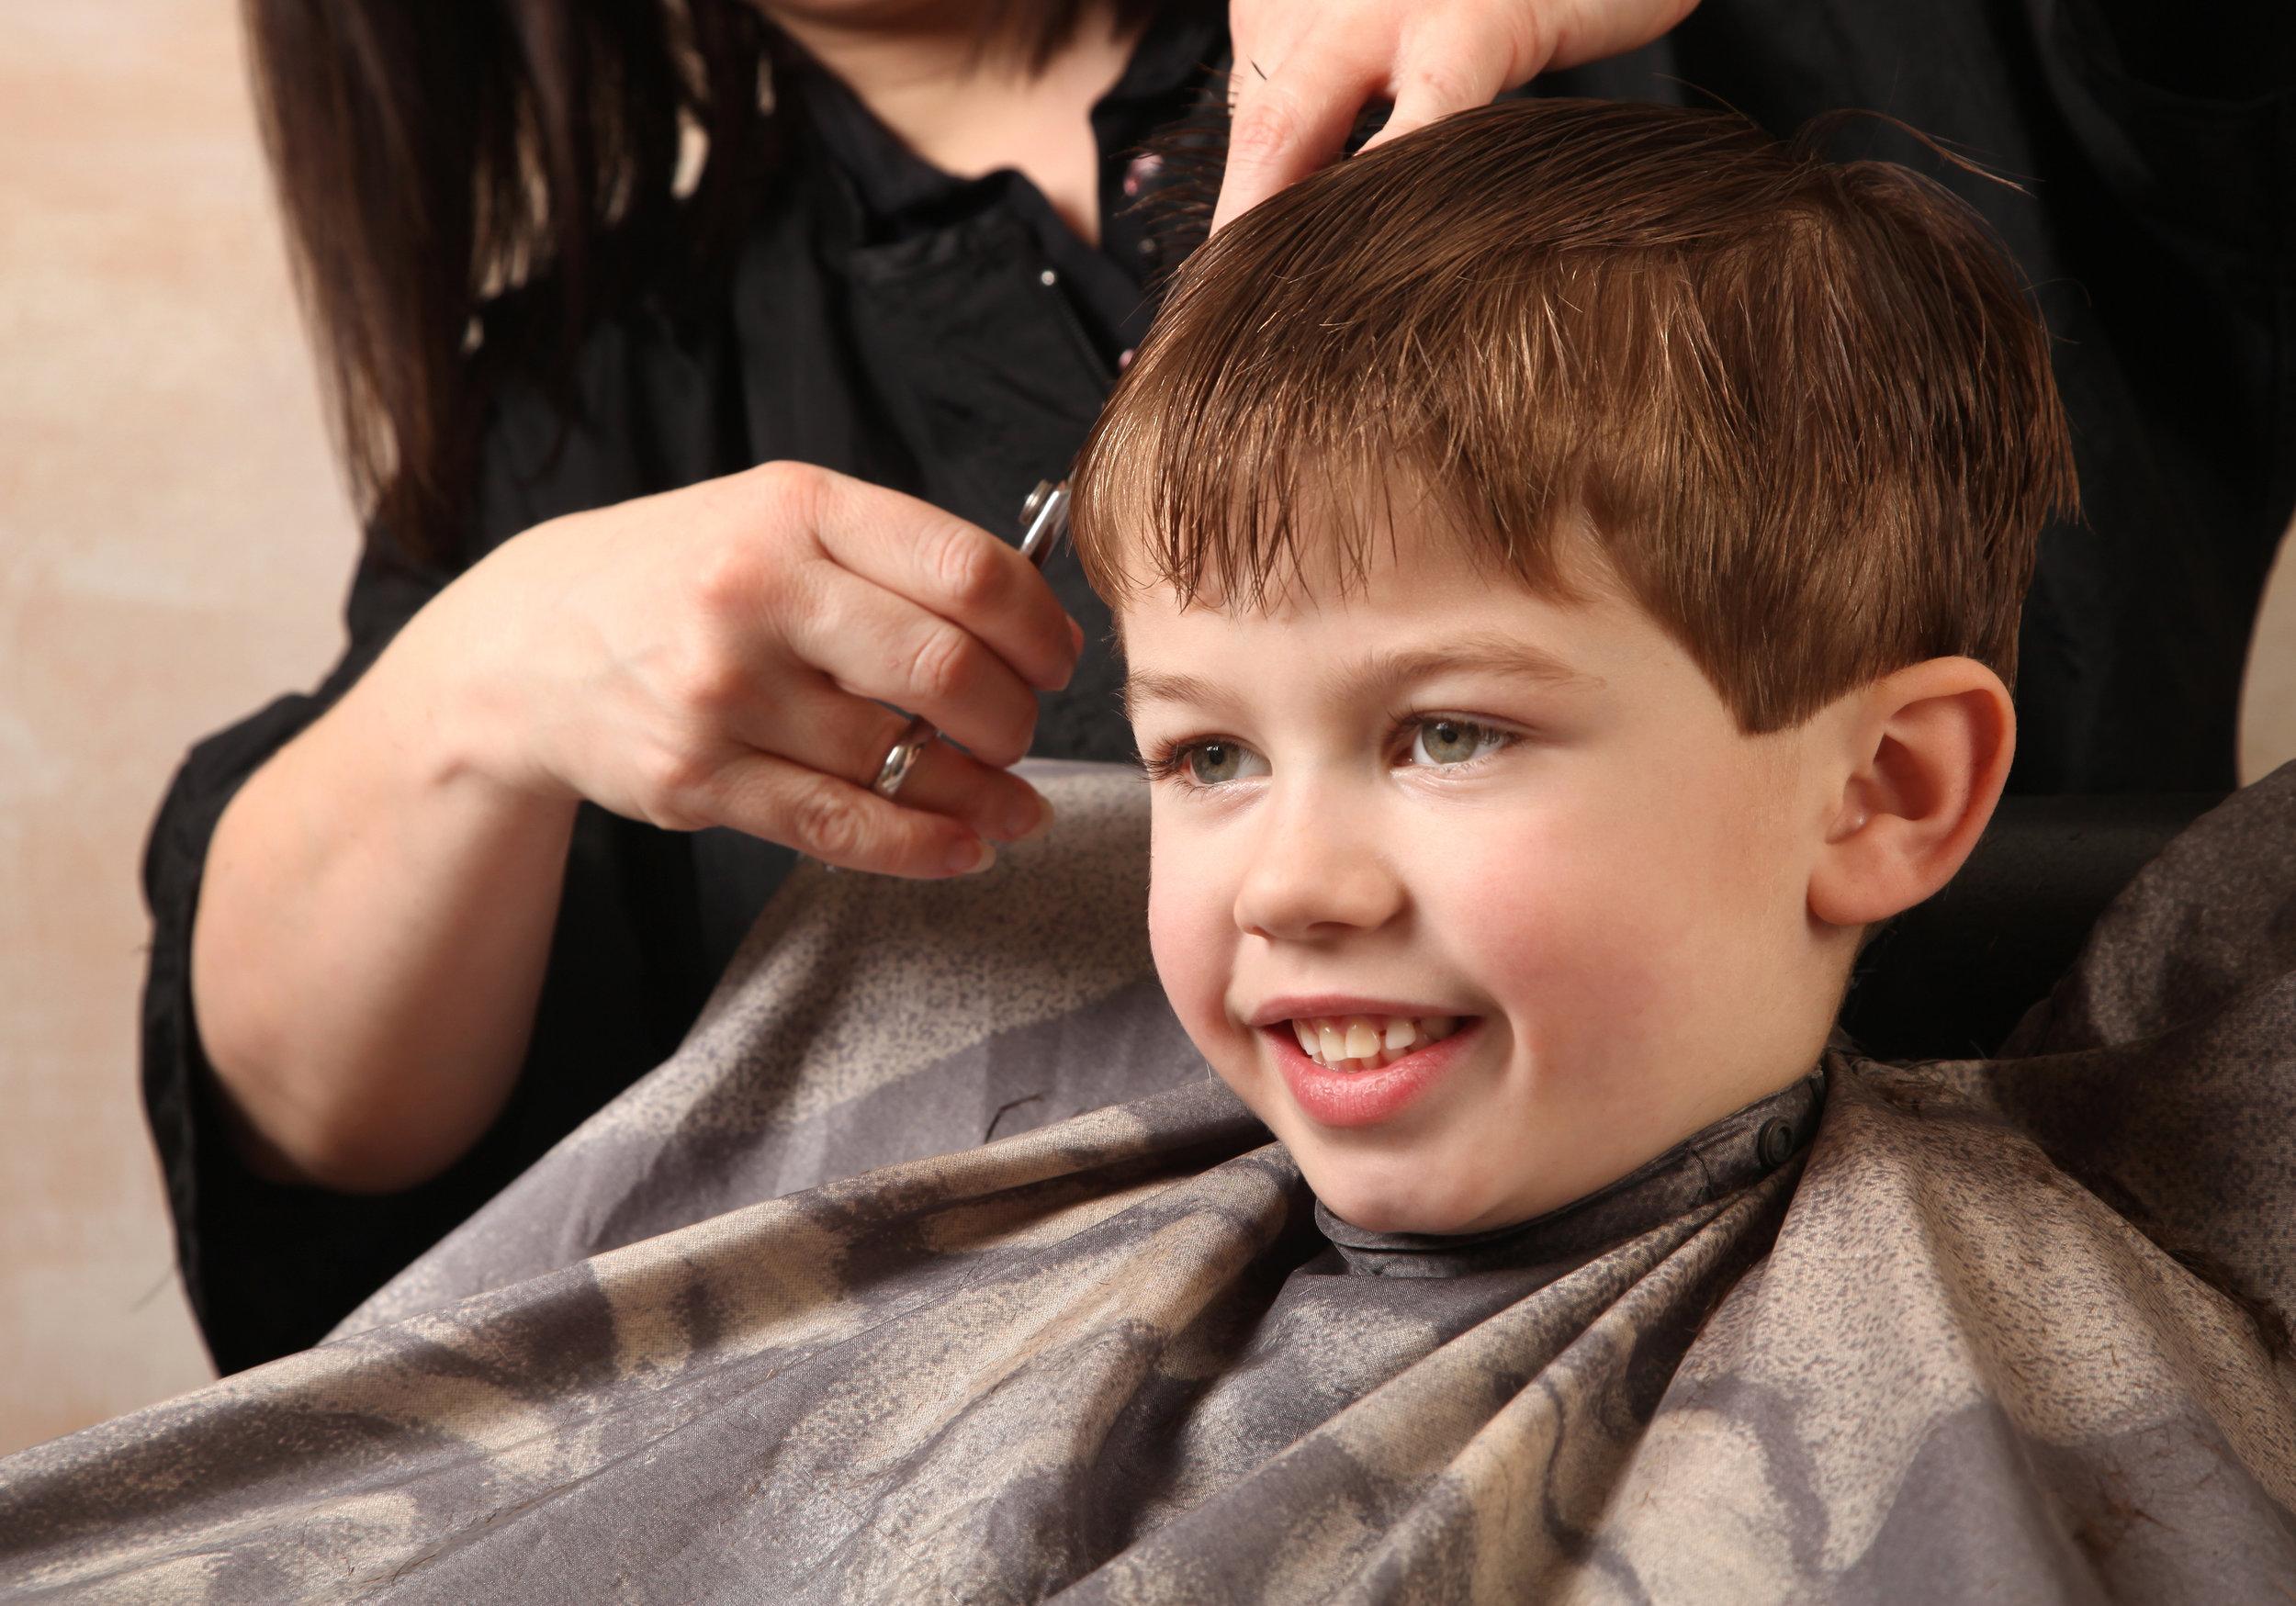 bigstock-Haircut-19000331.jpg